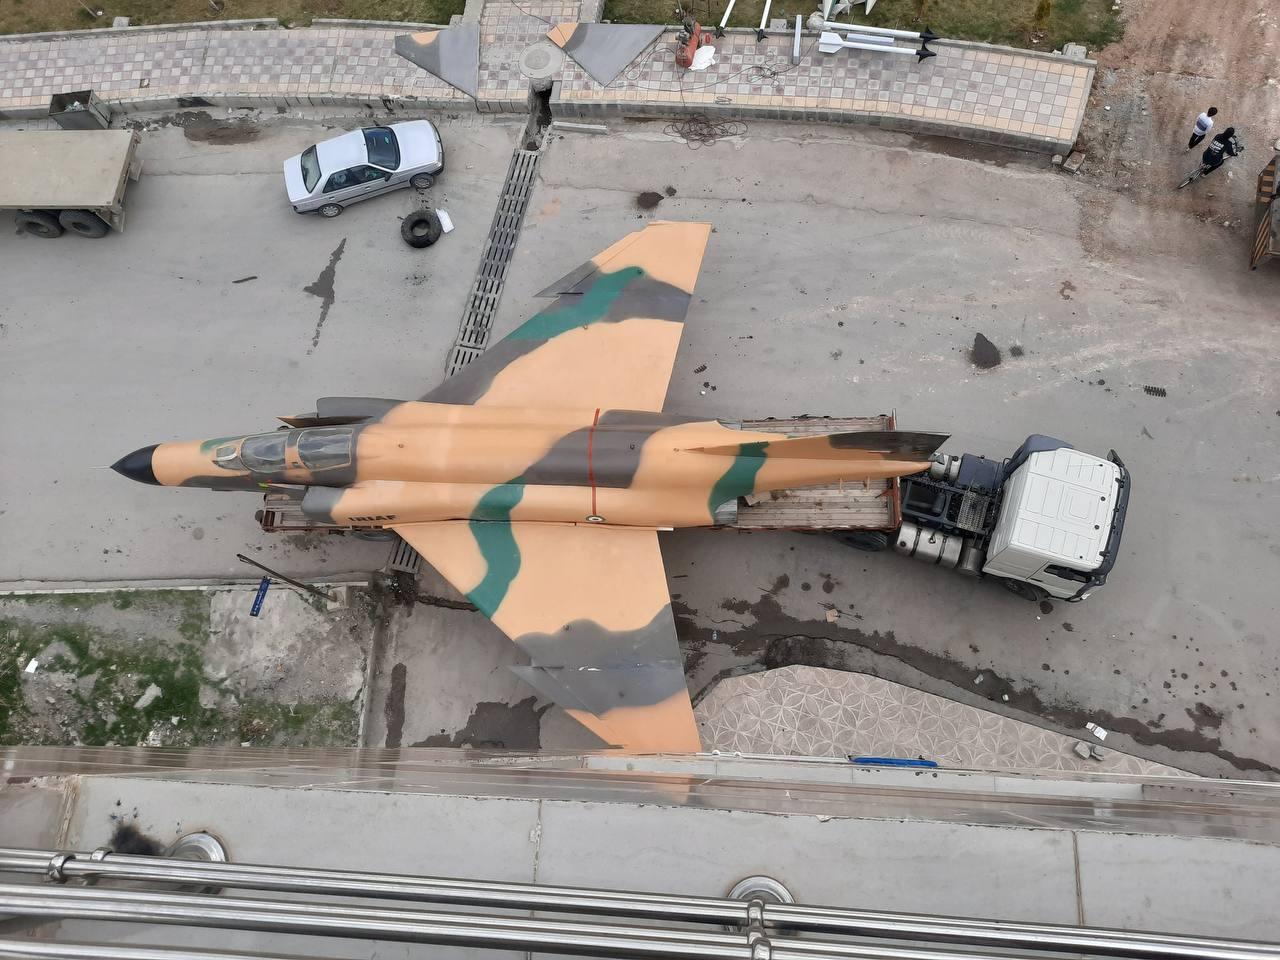 حمل جنگنده F-4 در خیابان های ایران! + عکس